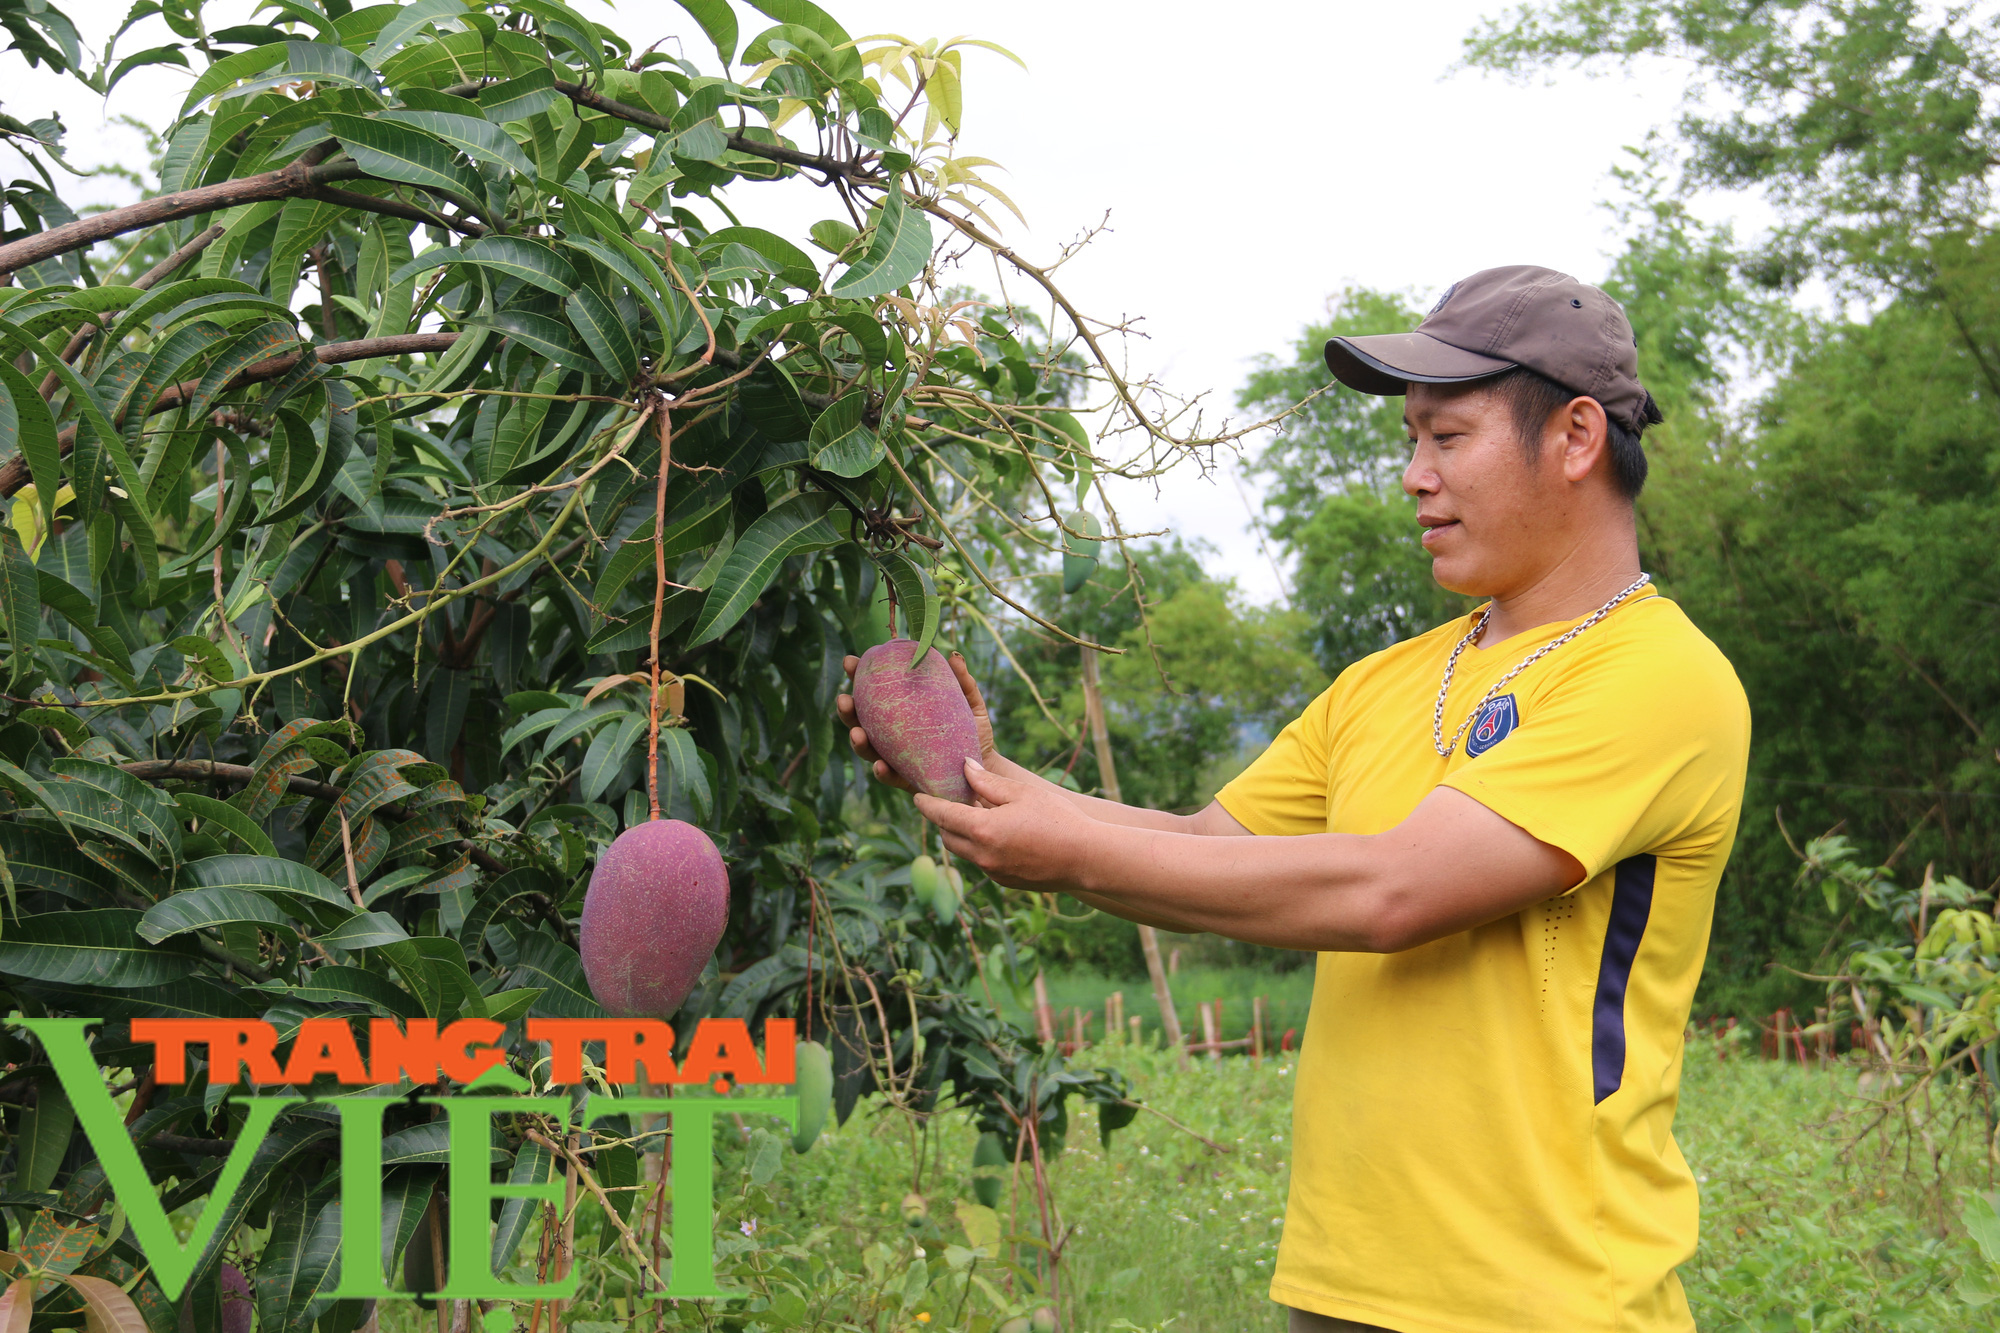 Yên Châu: Ứng dụng khoa học - kỹ thuật vào sản xuất nông nghiệp - Ảnh 5.